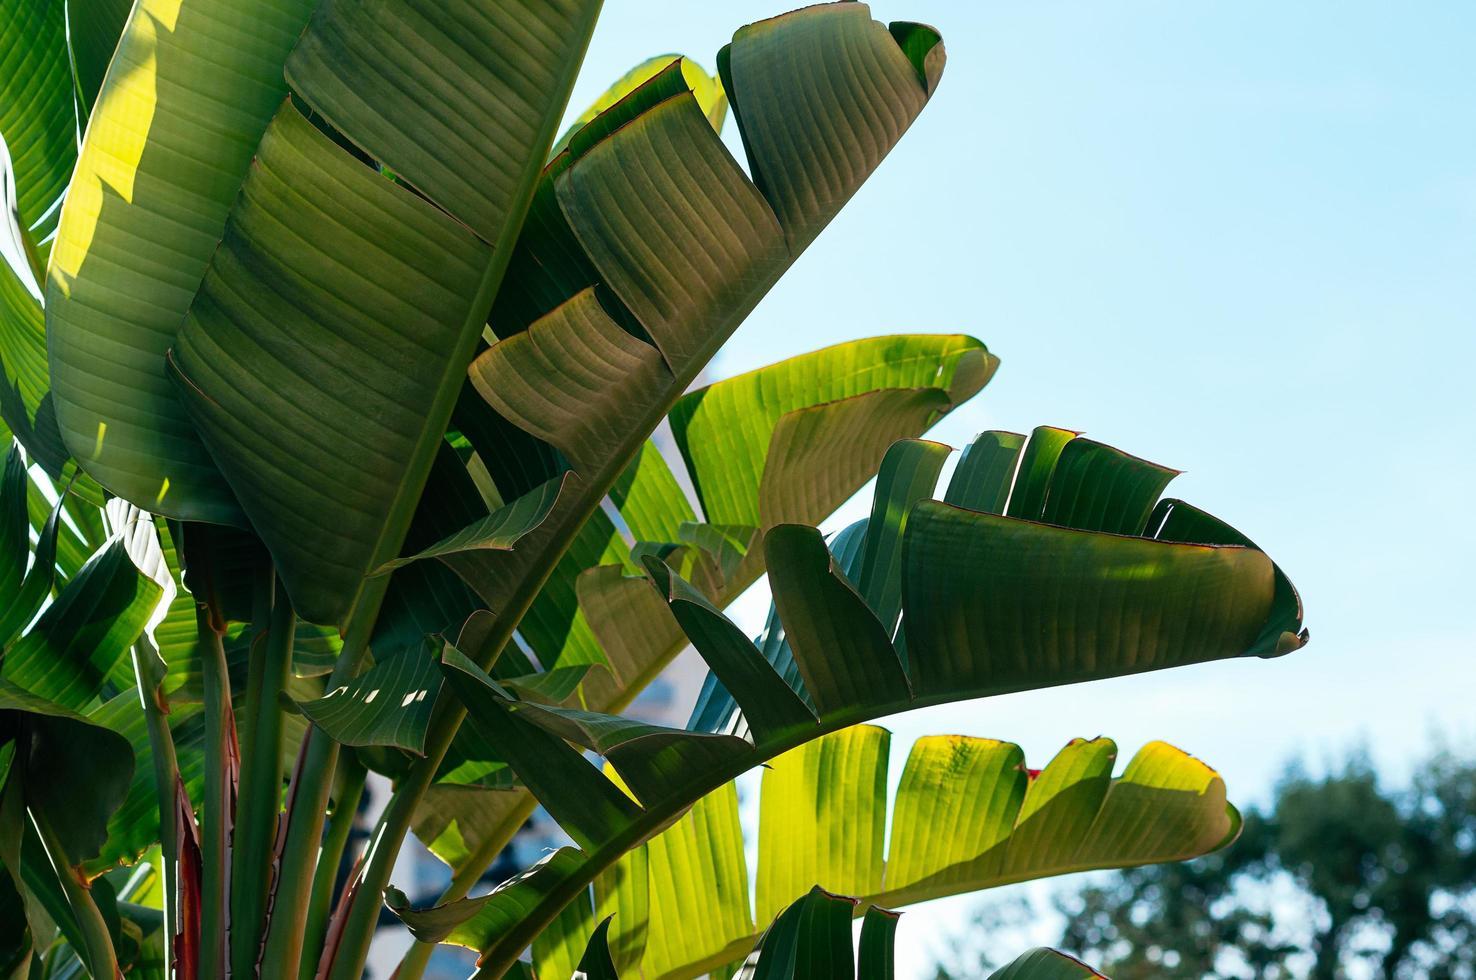 plantas tropicales contra el cielo azul foto